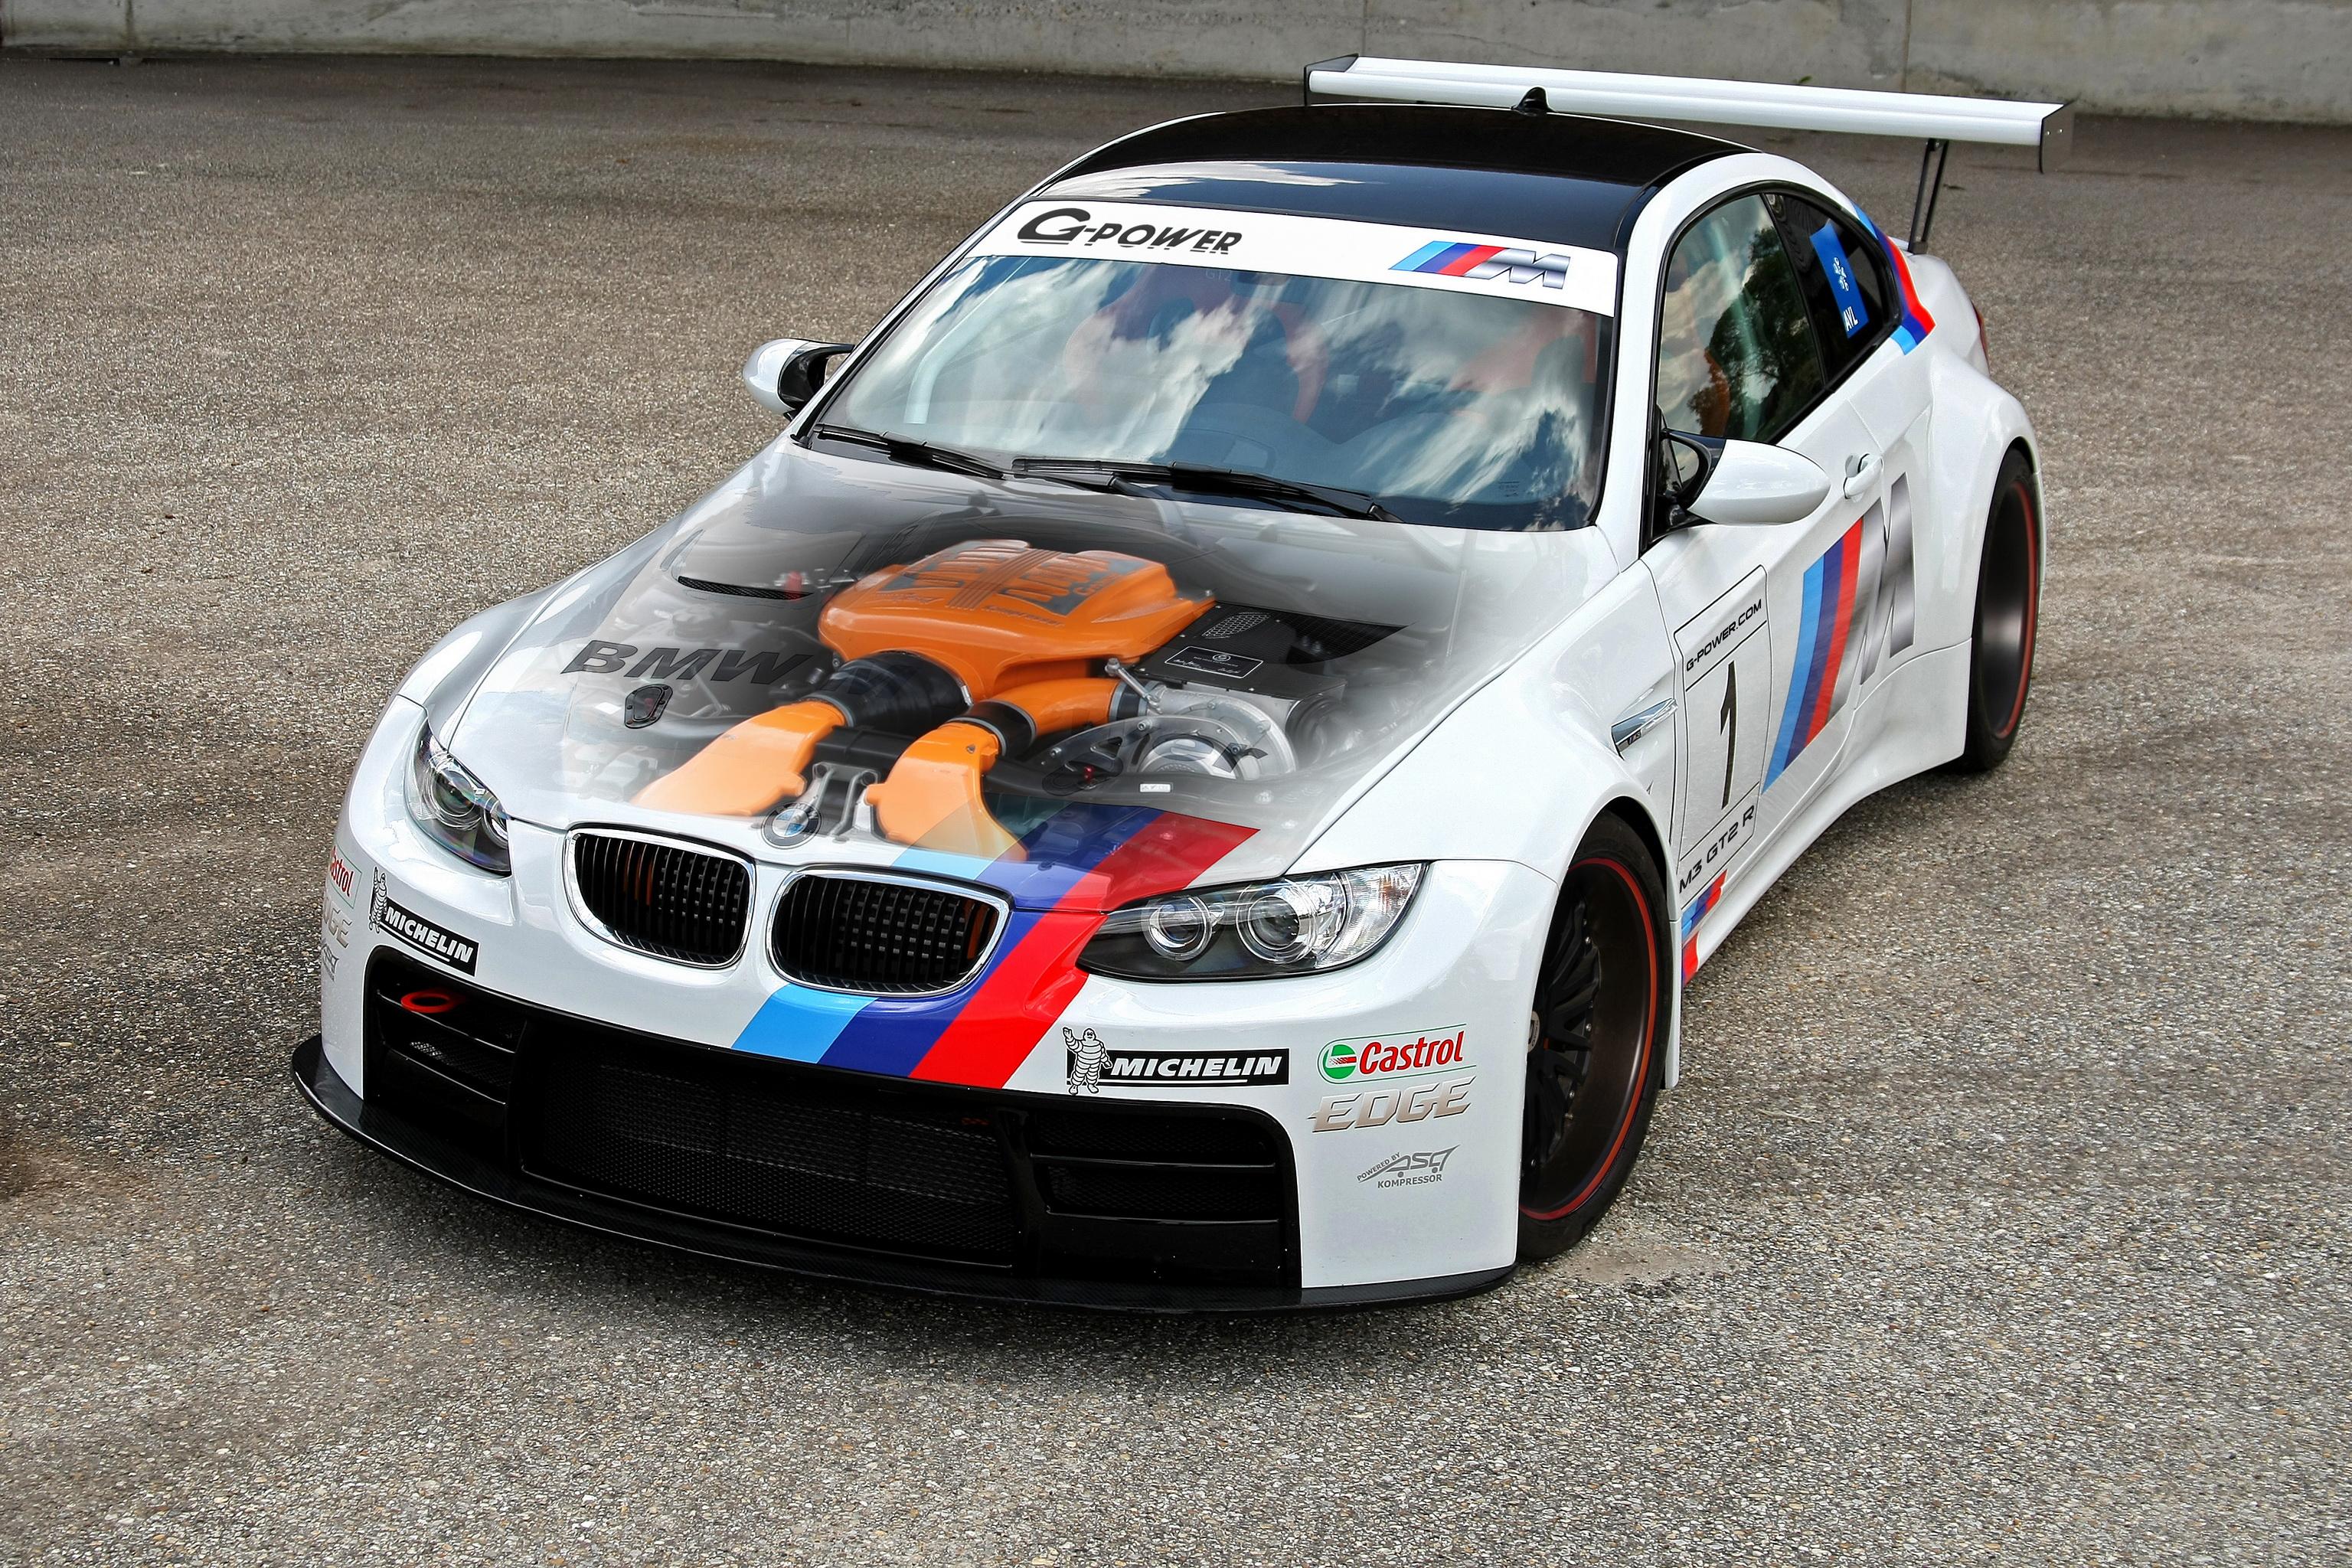 Pictures BMW 2013 G-Power M3 GT2 R M3 E92 auto 3072x2048 Cars automobile